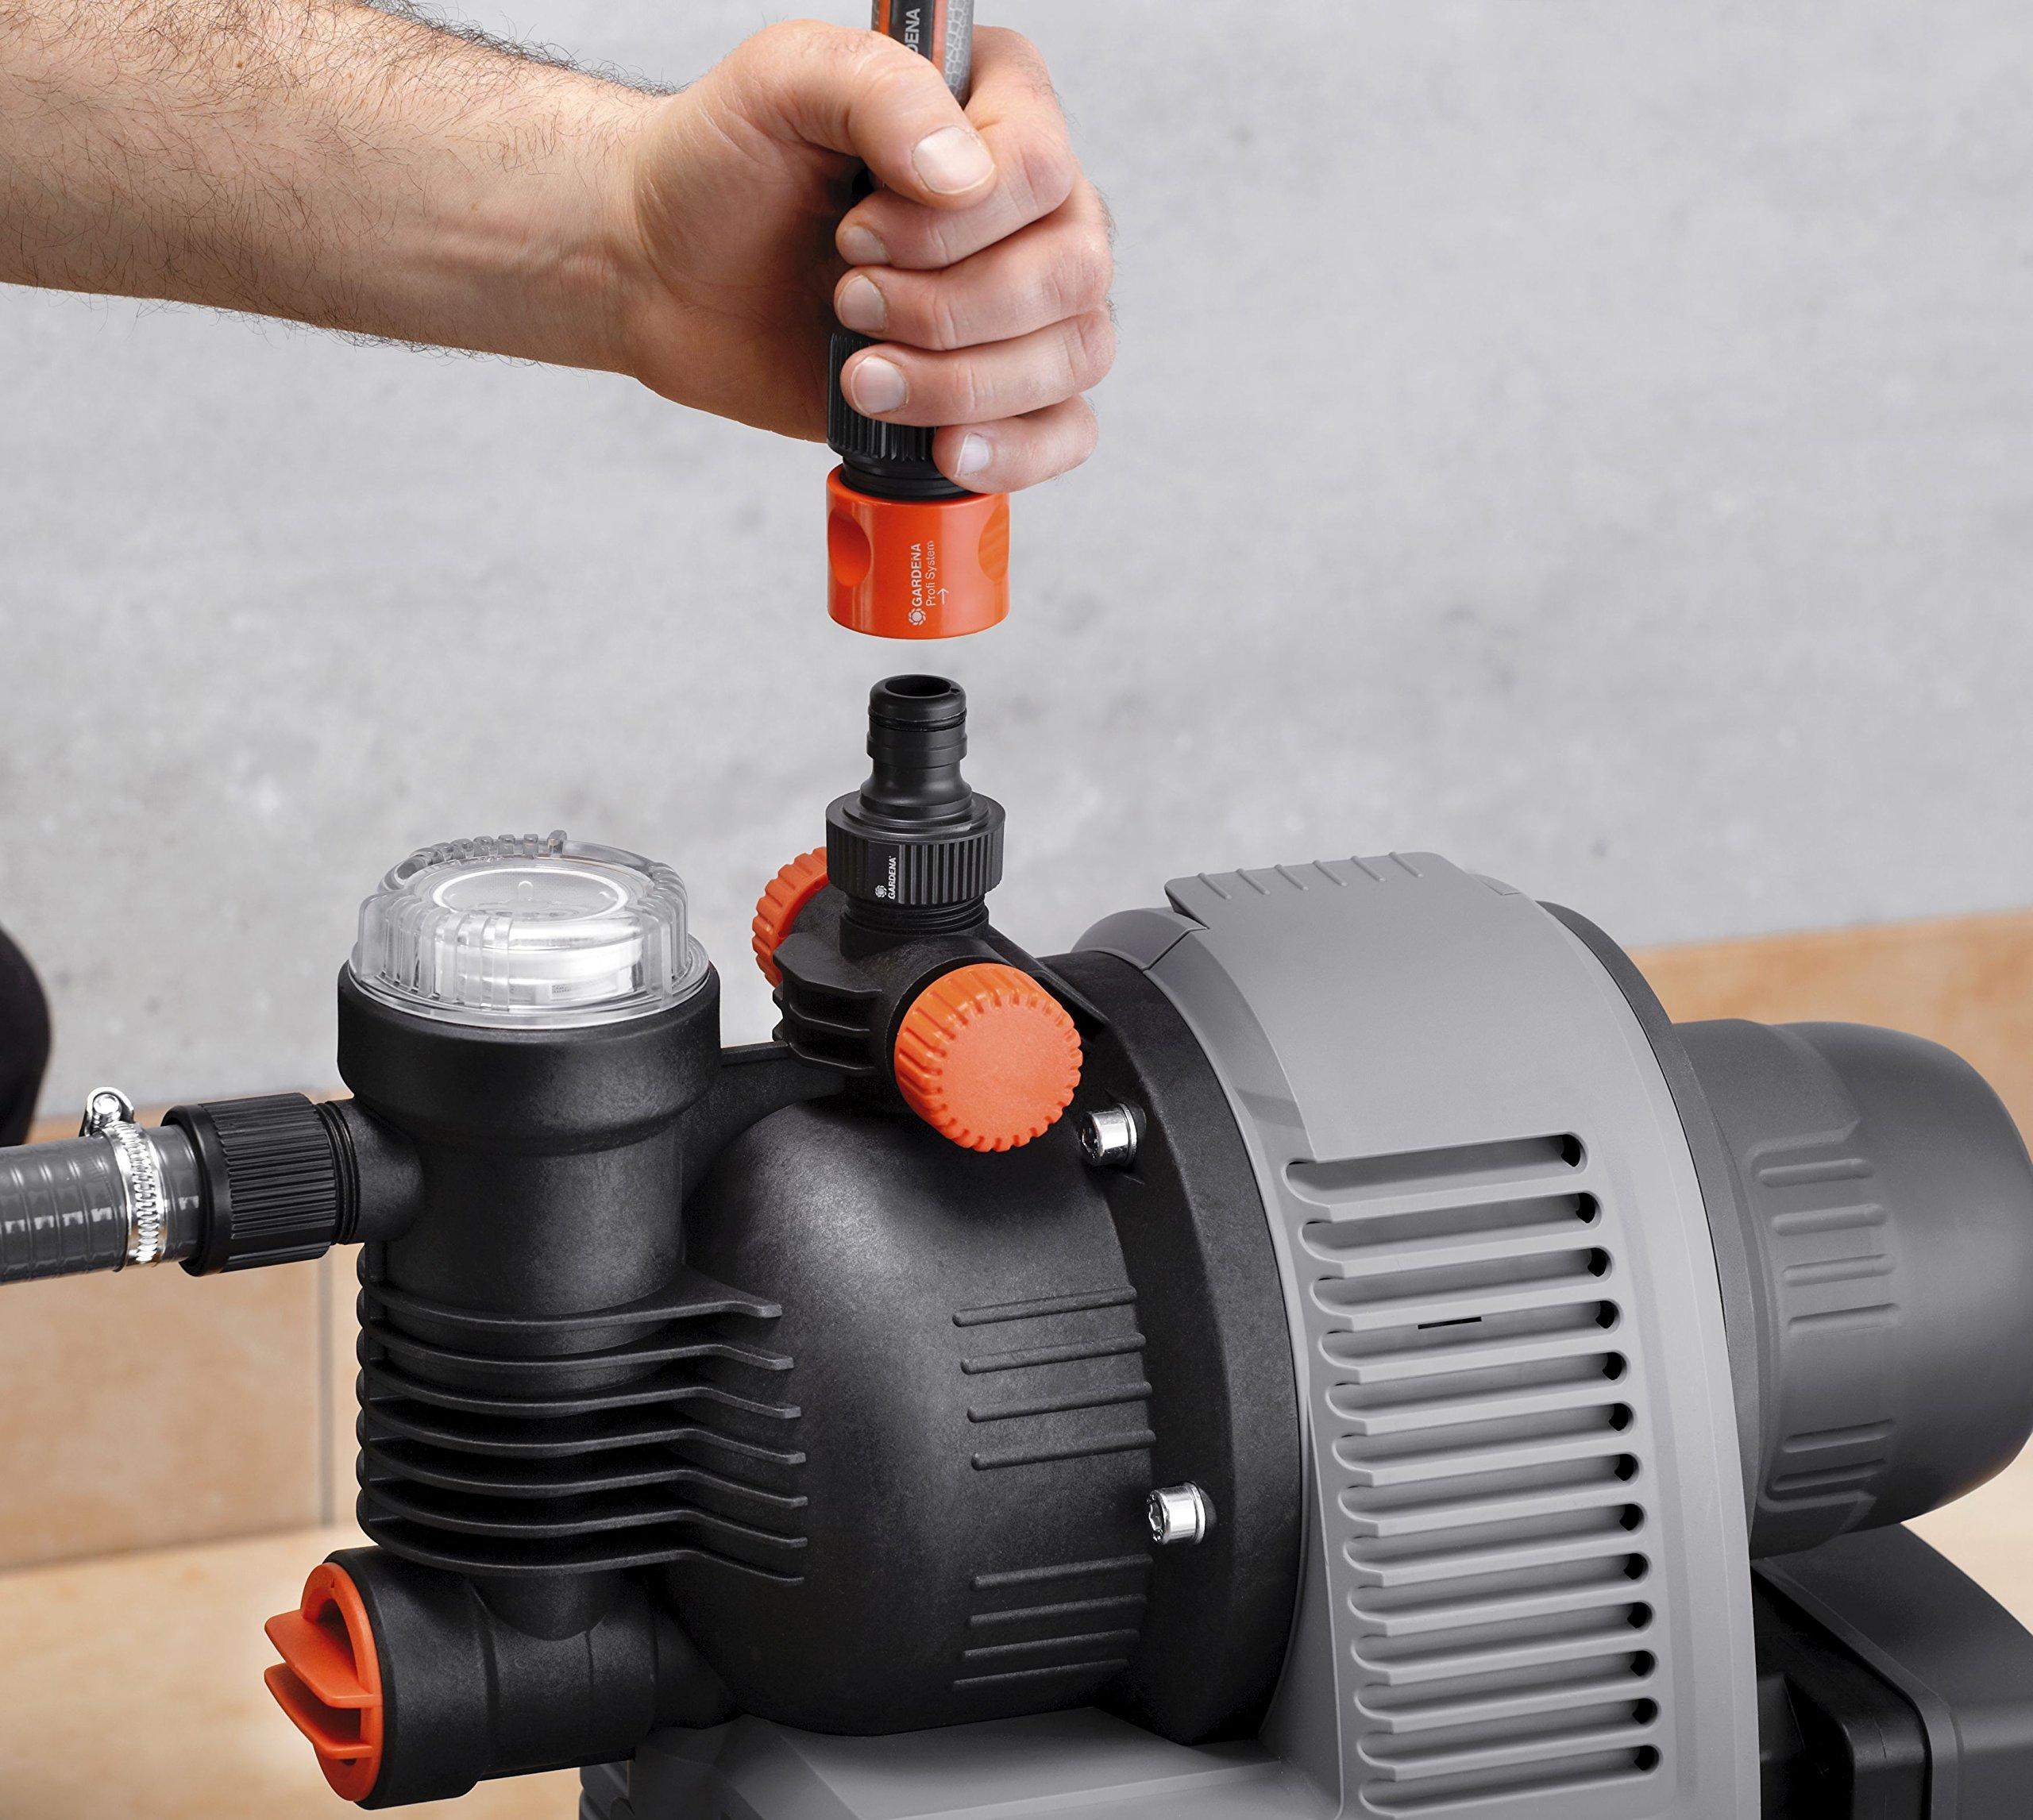 Gardena Classic Hauswasserwerk 3000/4 eco: Hauswasserpumpe mit Thermoschutzschalter, max. Fördermenge 2800 l/h (1753-20…